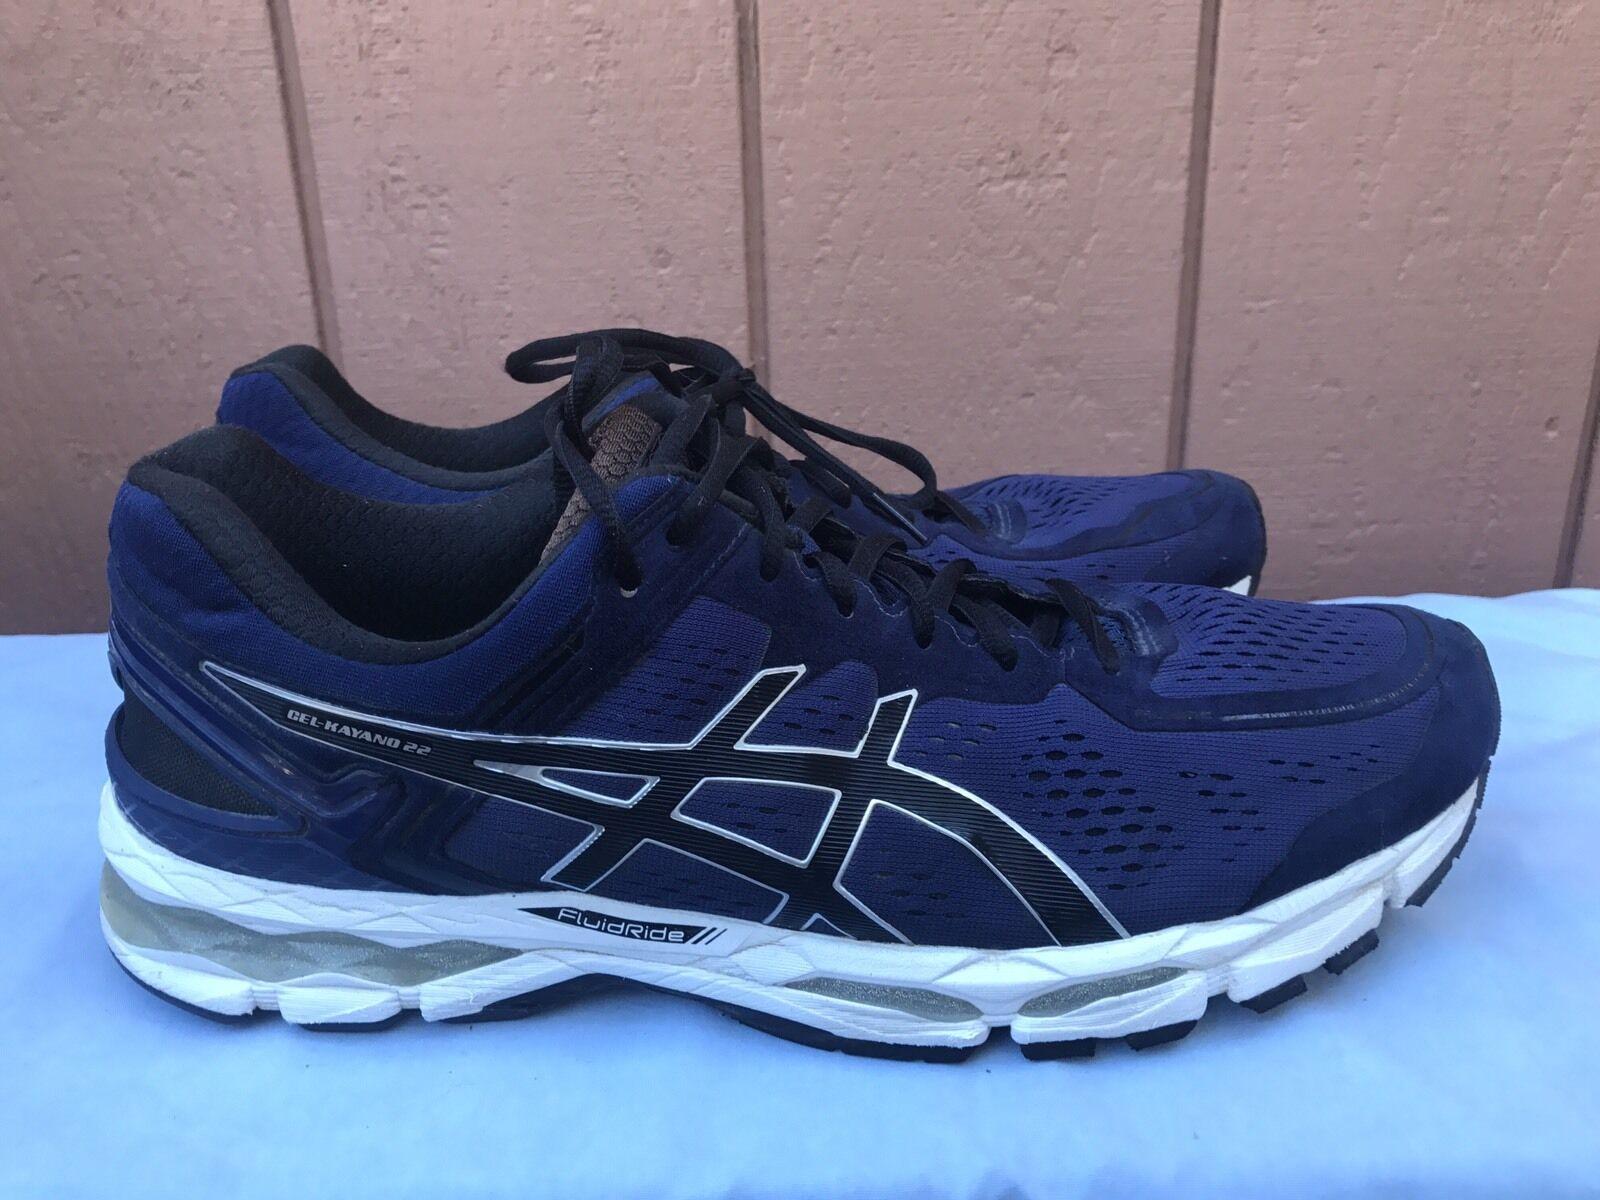 Excelente condición usada para hombre ASICS GEL KAYANO 22 Running Zapatos Talla EE. UU. 12.5 Azul Marino T547N